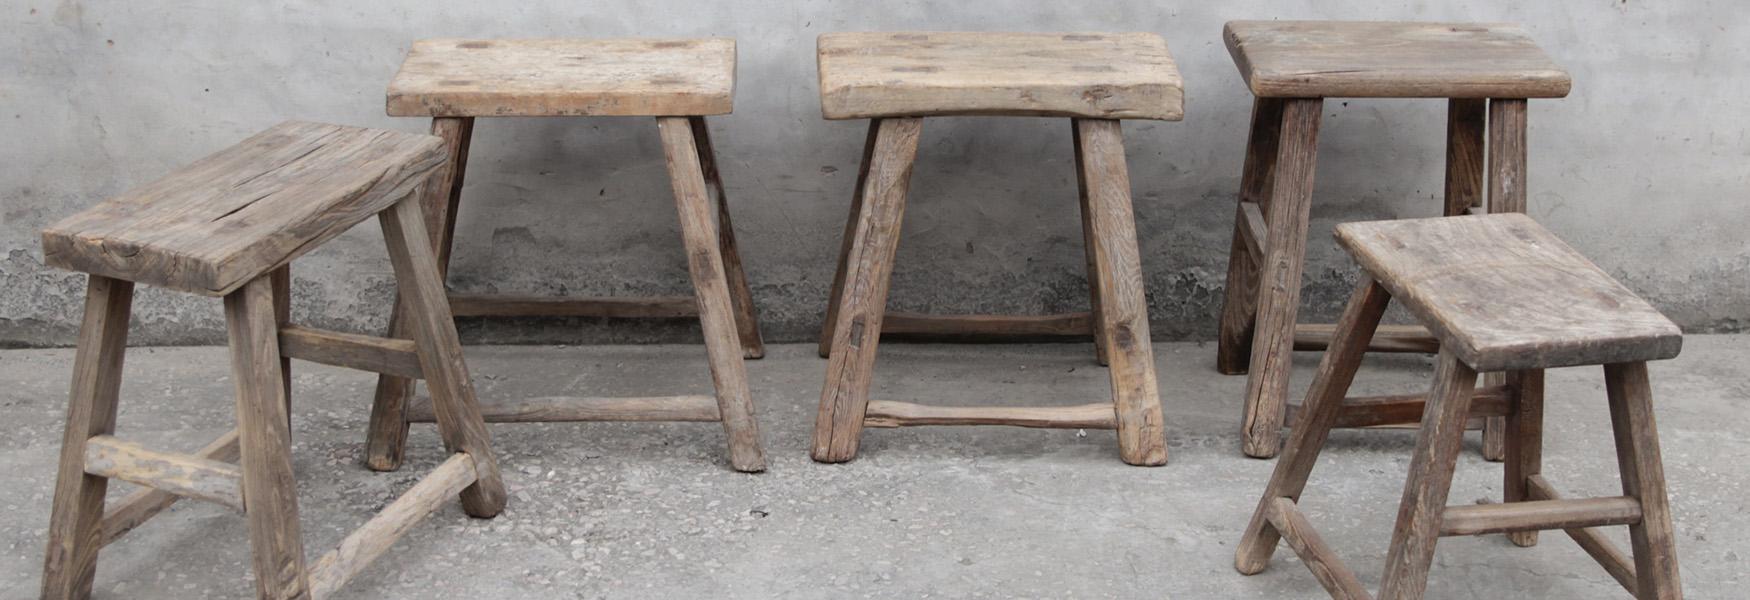 stools-600.jpg